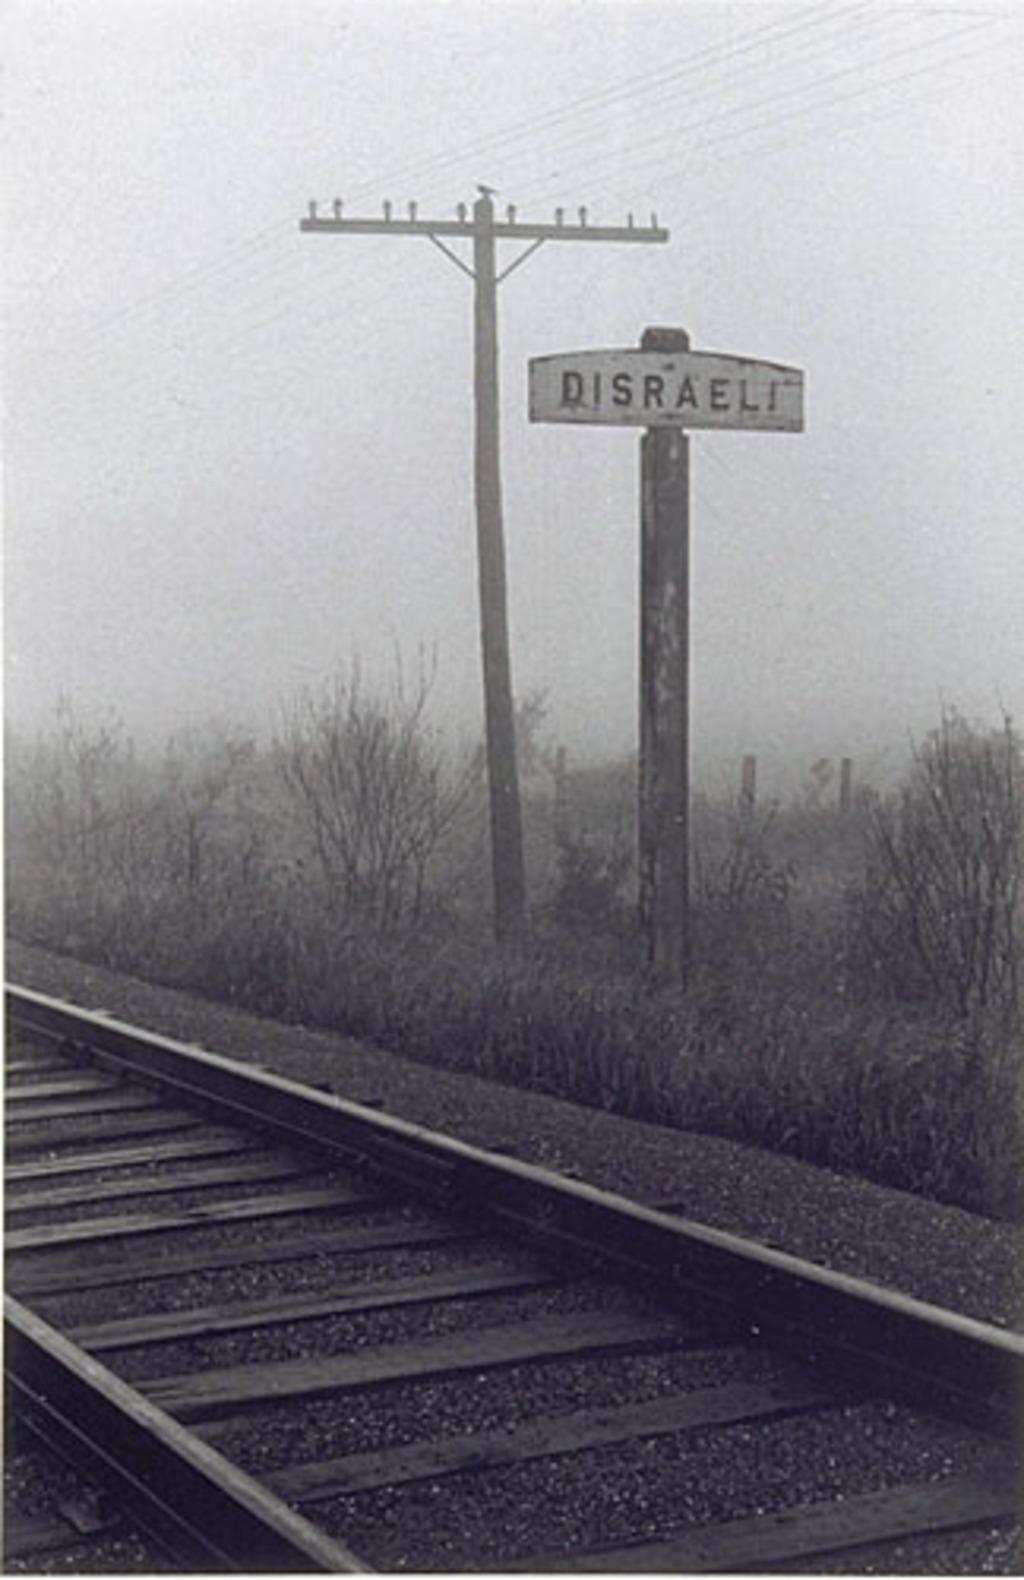 Route 1 qui mène à Disraeli, de la série « Disraeli, une expérience humaine en photographie »